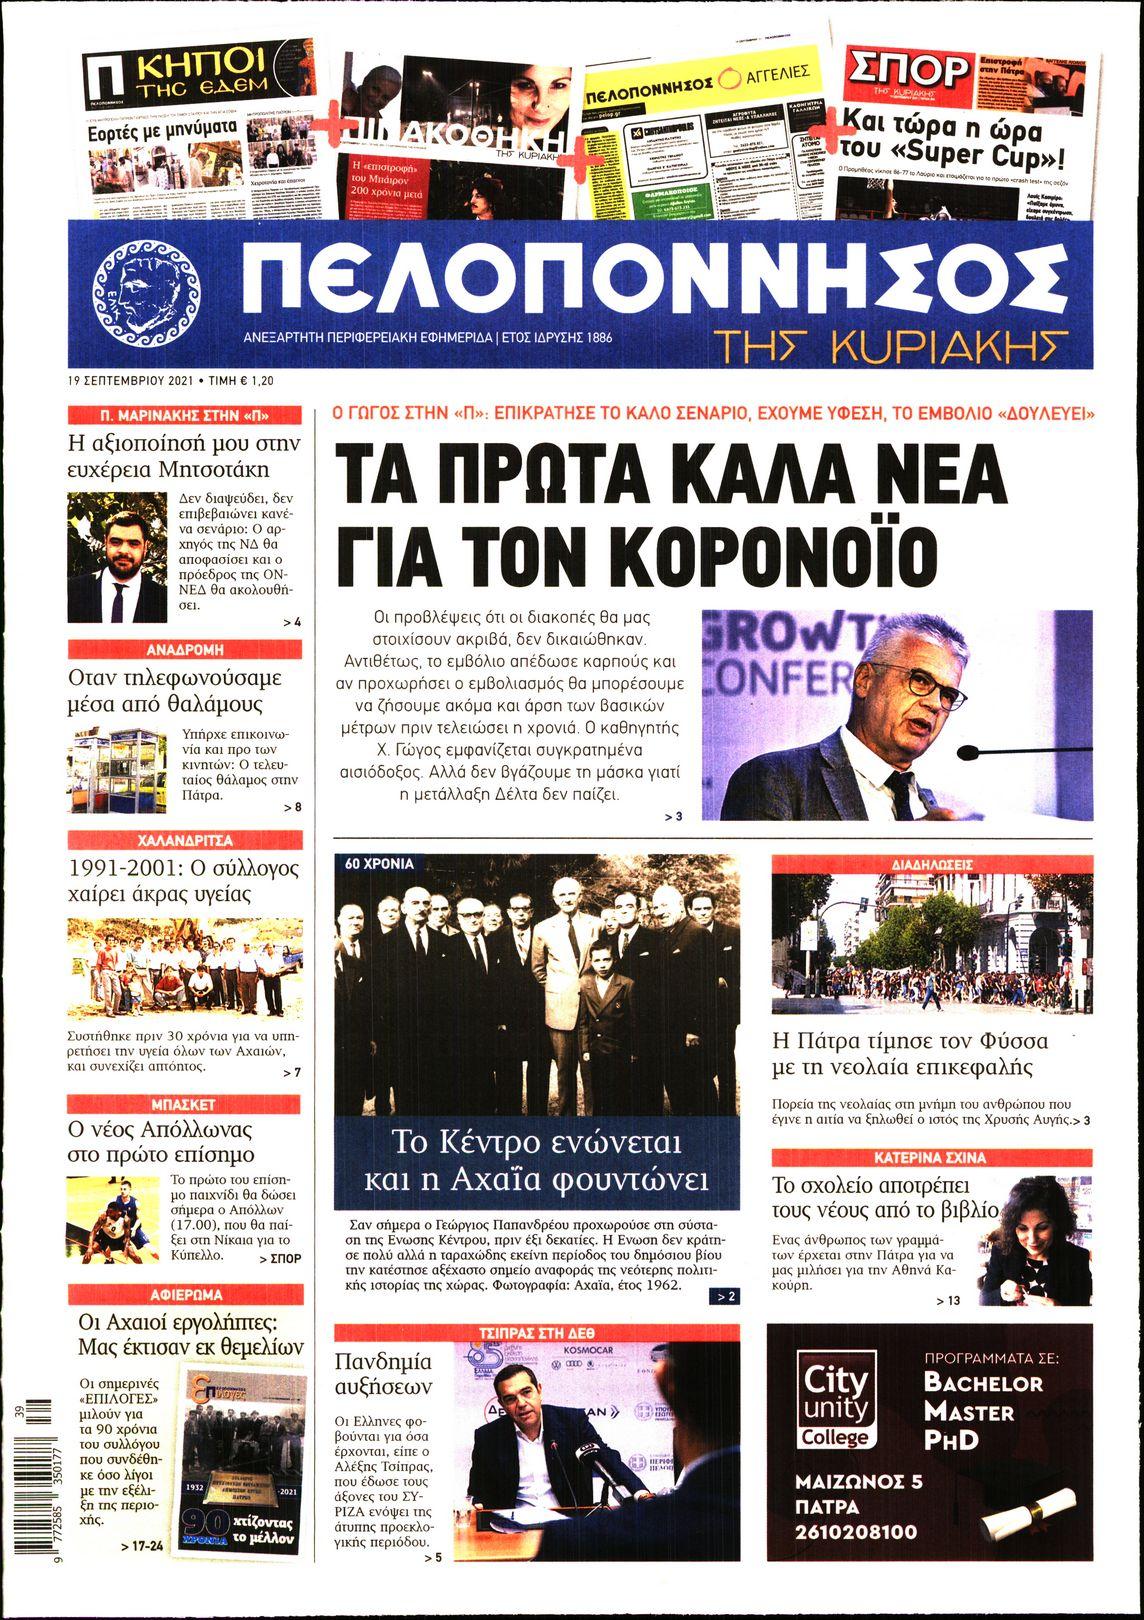 Πρωτοσέλιδο του εντύπου «ΠΕΛΟΠΟΝΝΗΣΟΣ» που δημοσιεύτηκε στις 19/09/2021